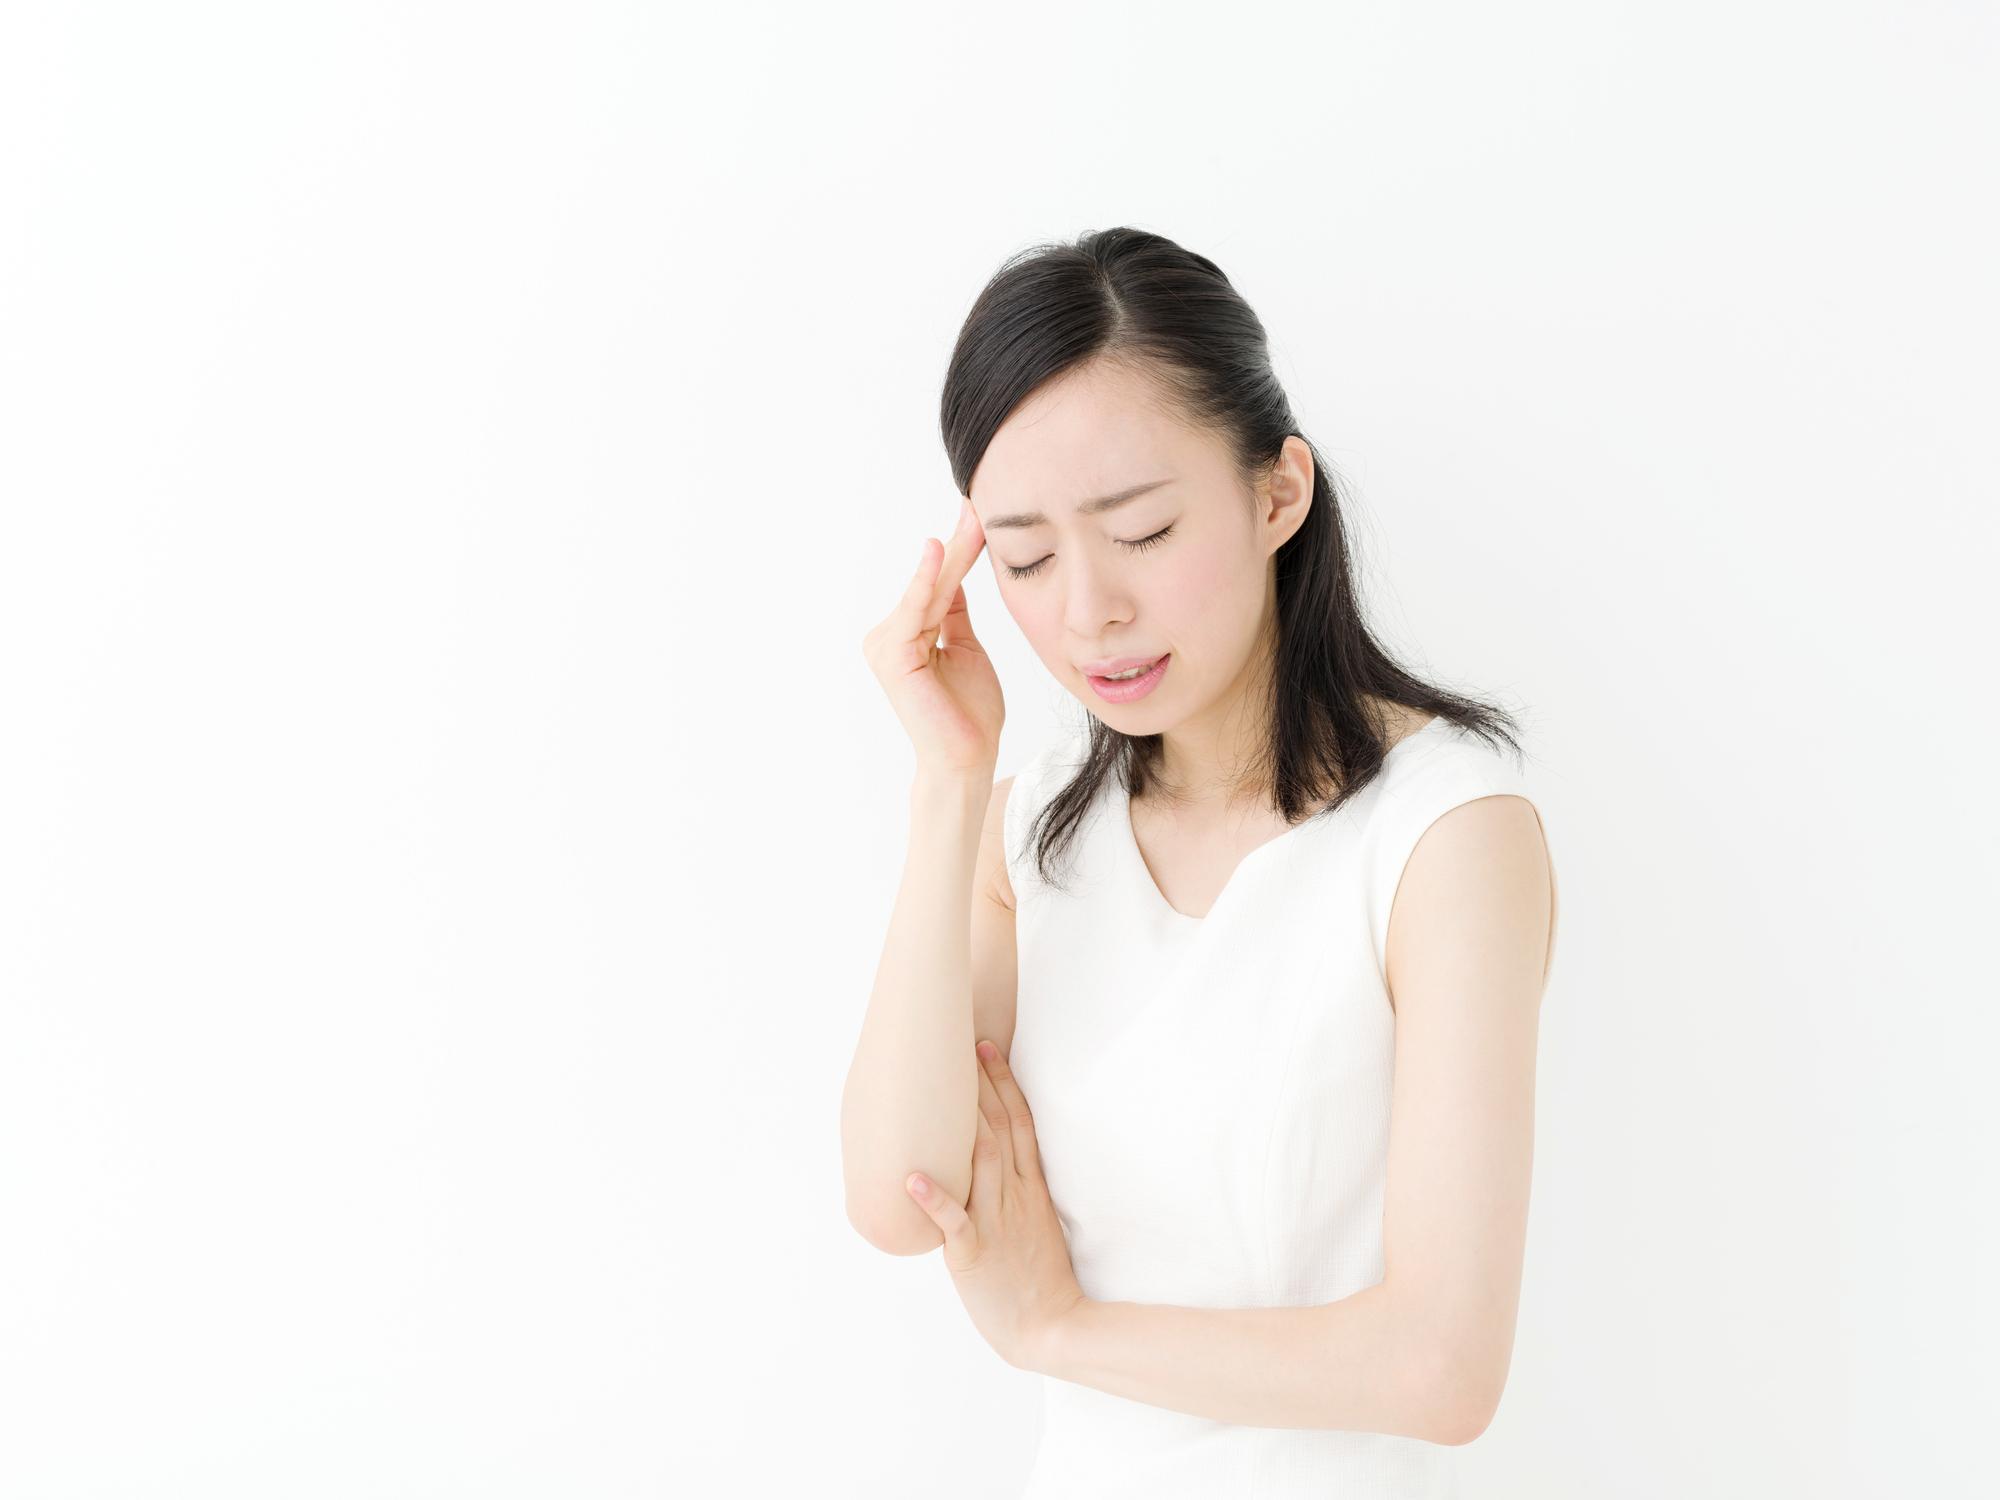 脳腫瘍の症状とはどんなもの?治療後に後遺症が出ることはある?